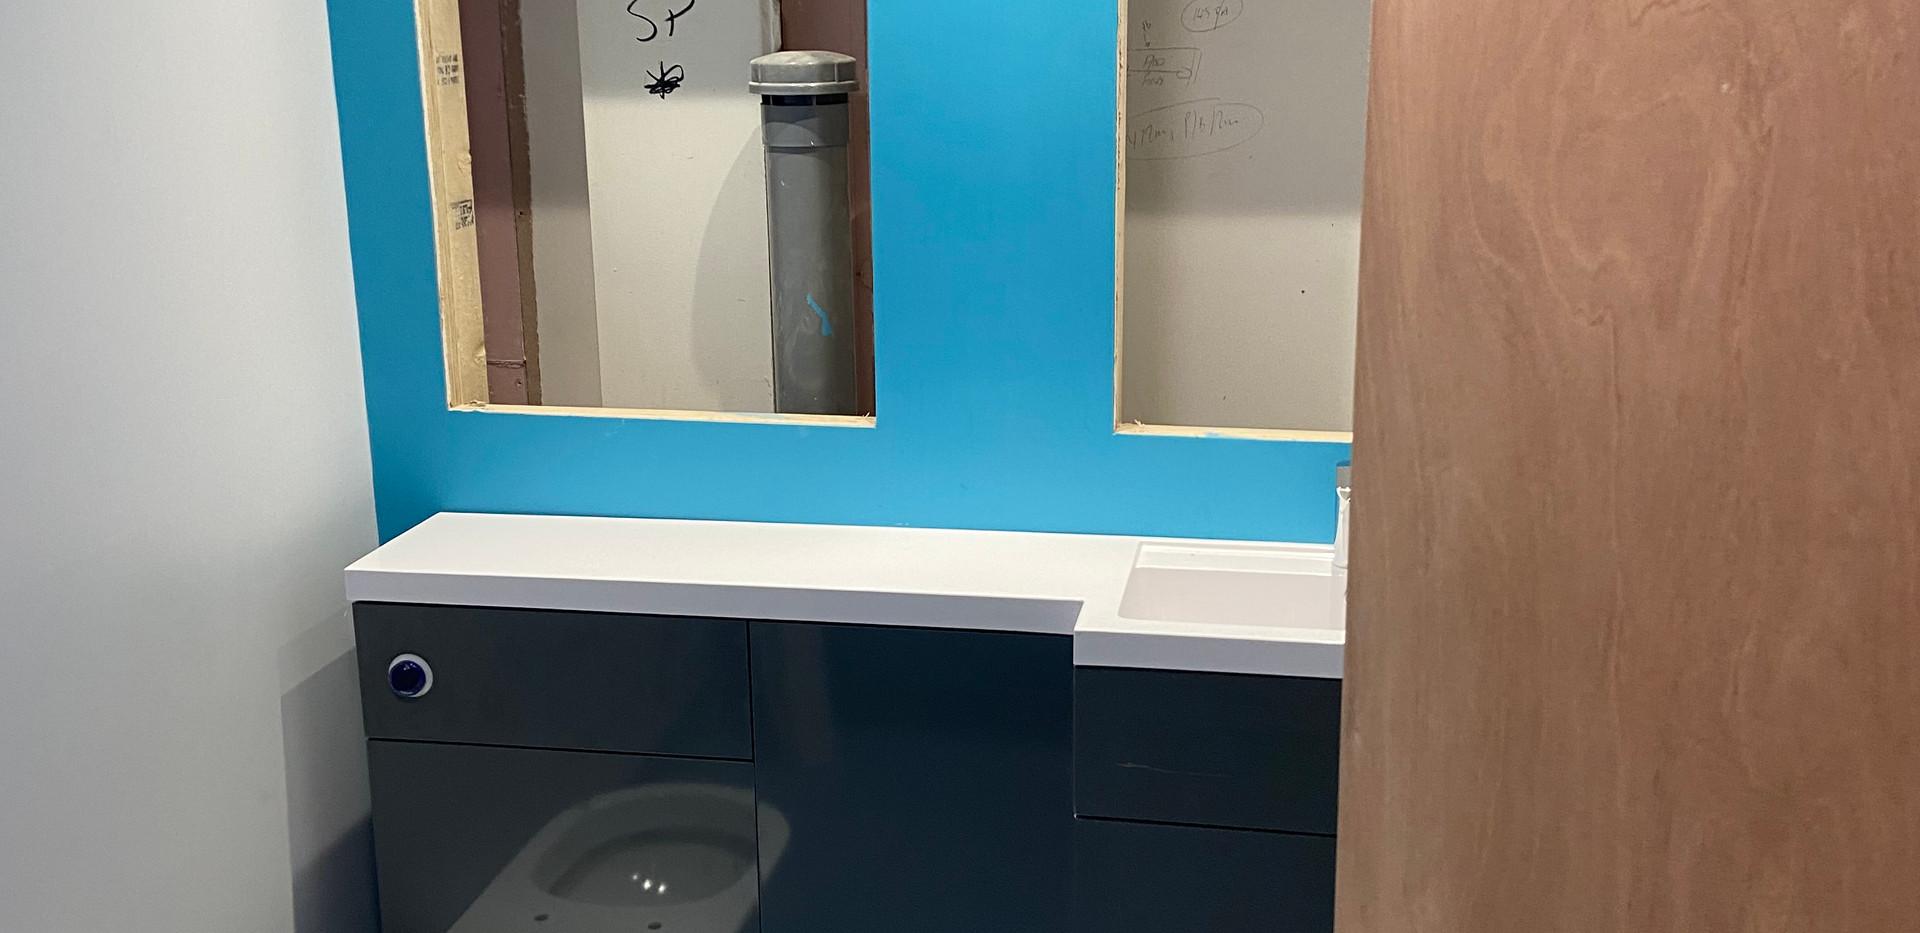 Office Toilet